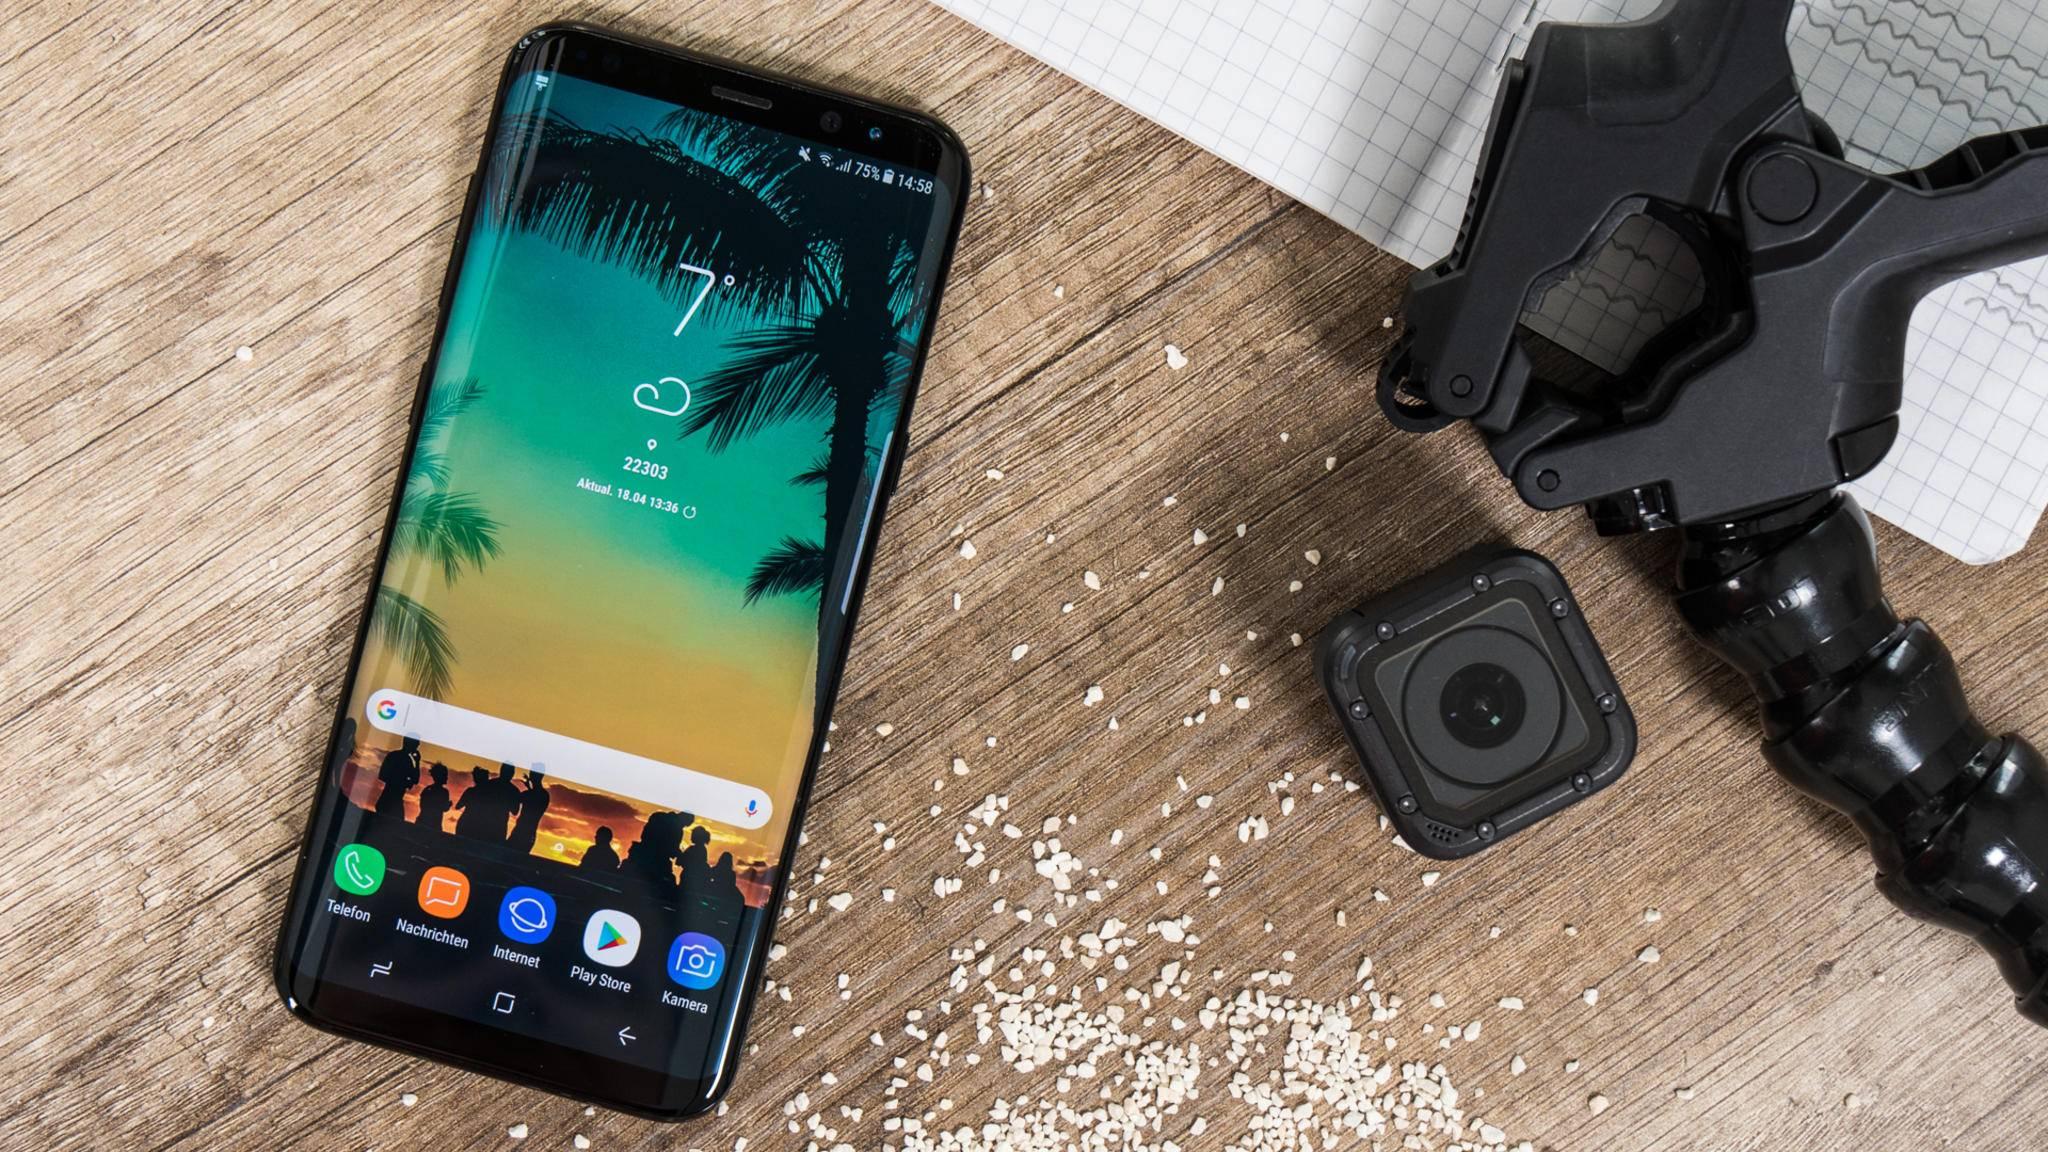 Galaxy-S8-Nutzer bekommen endlich Android 8.0.